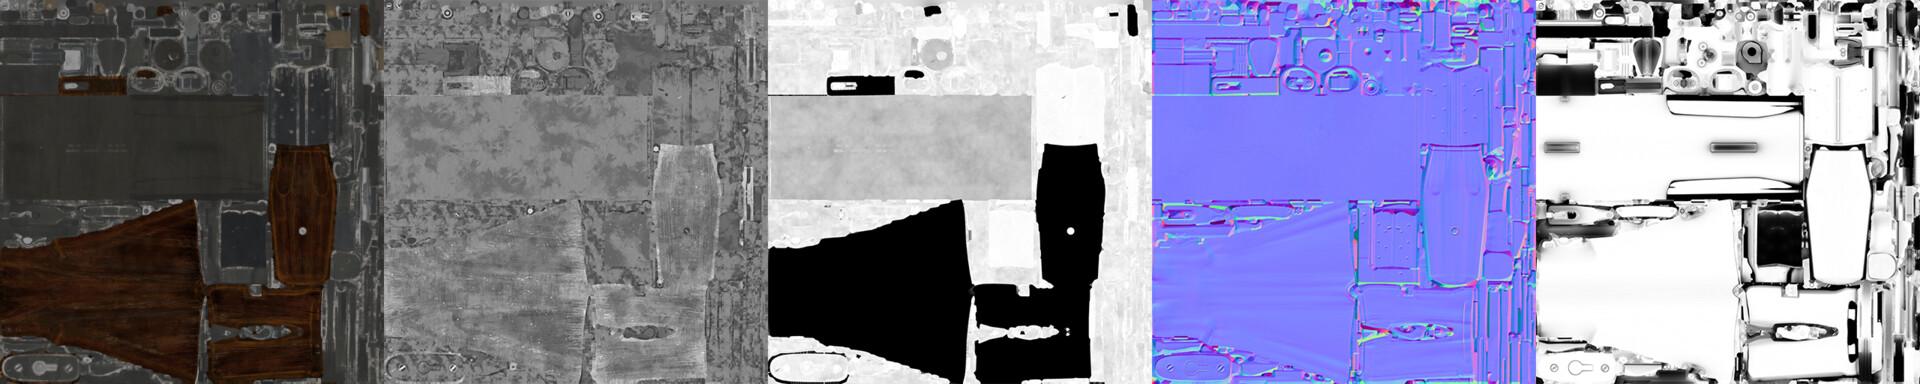 Stefan engdahl textures